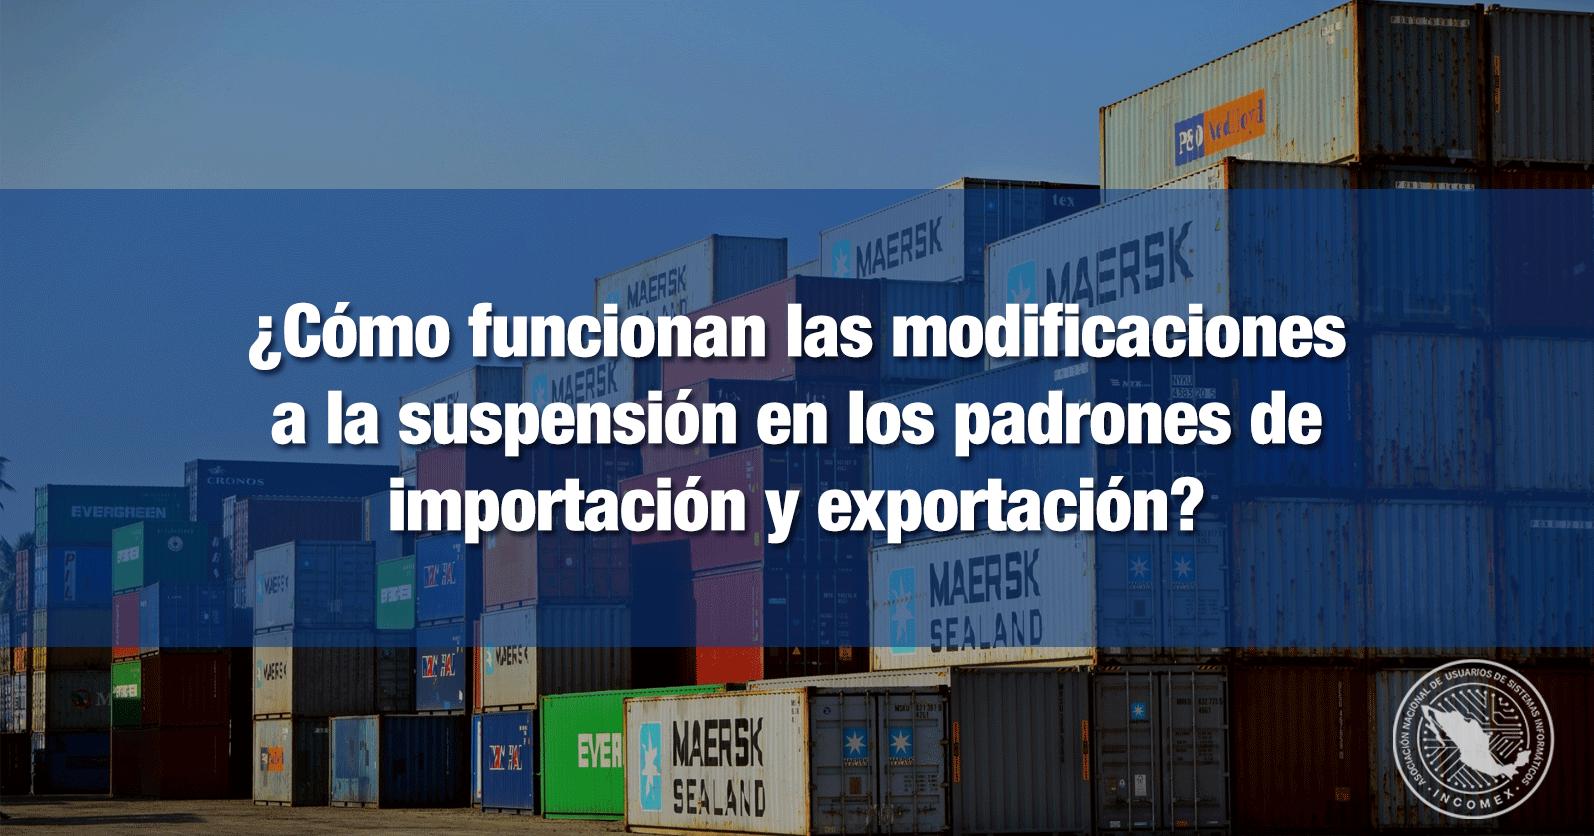 ¿Cómo funcionan las modificaciones a la suspensión en los padrones de importación y exportación?